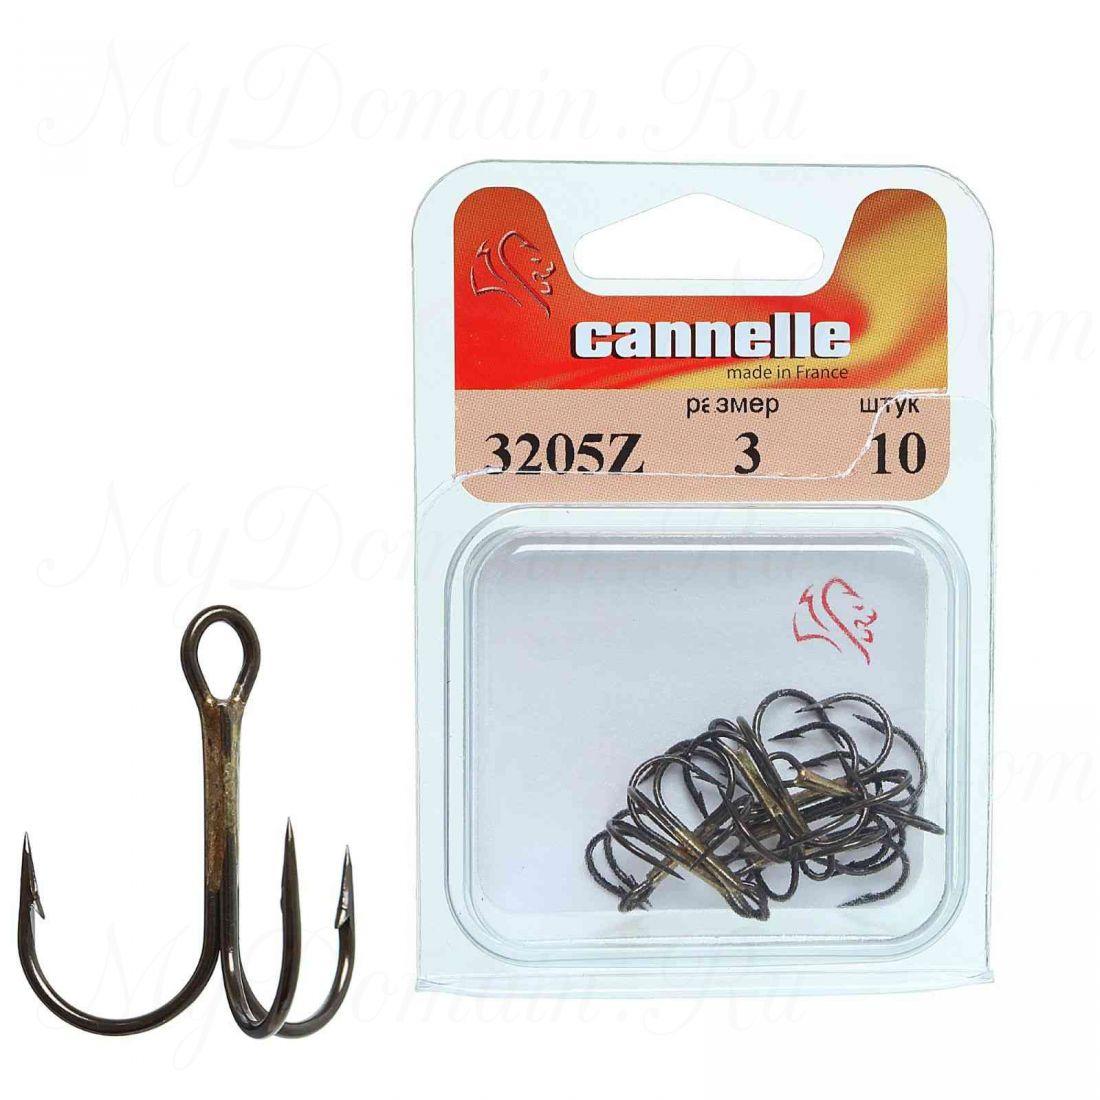 Тройник Cannelle 3205 N № 3/0 уп. 100 шт. (никель,круглый поддев,стандартный тройник,средняя проволока)